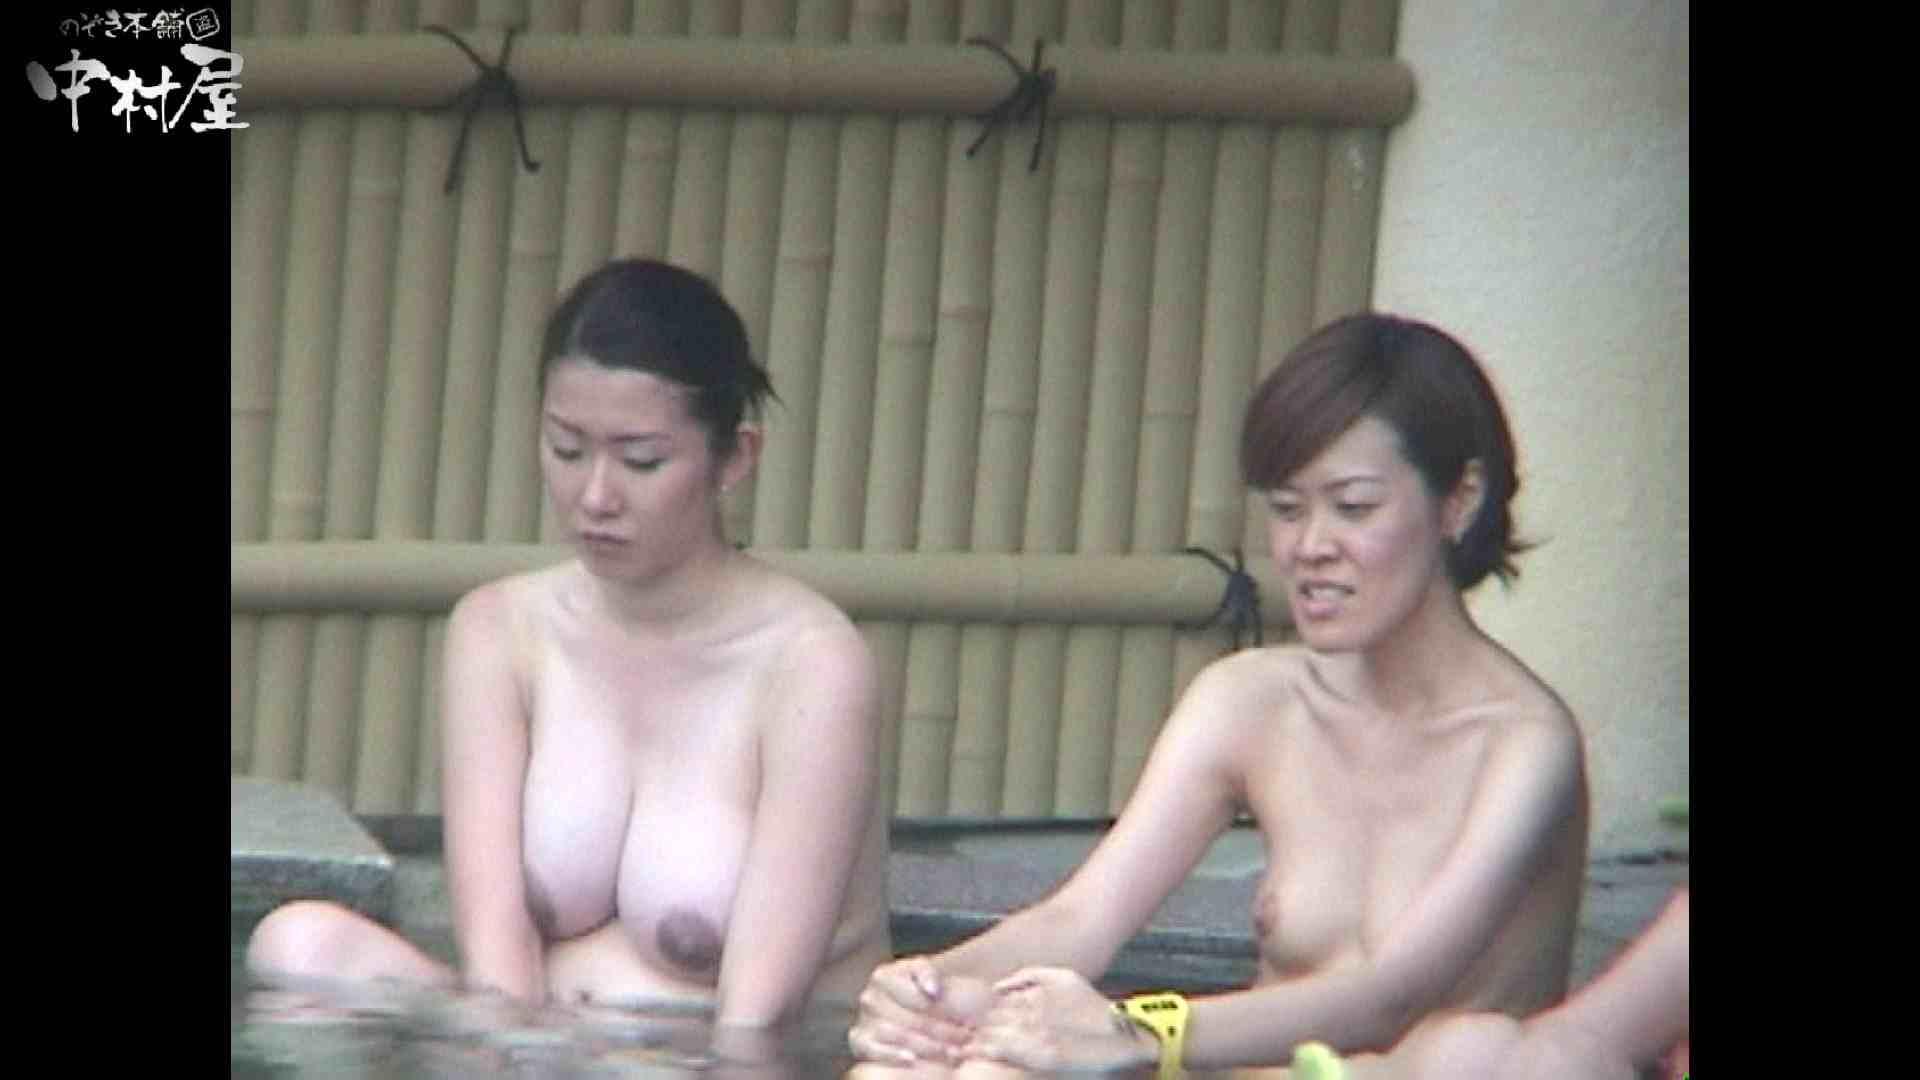 Aquaな露天風呂Vol.961 盗撮 スケベ動画紹介 104連発 20